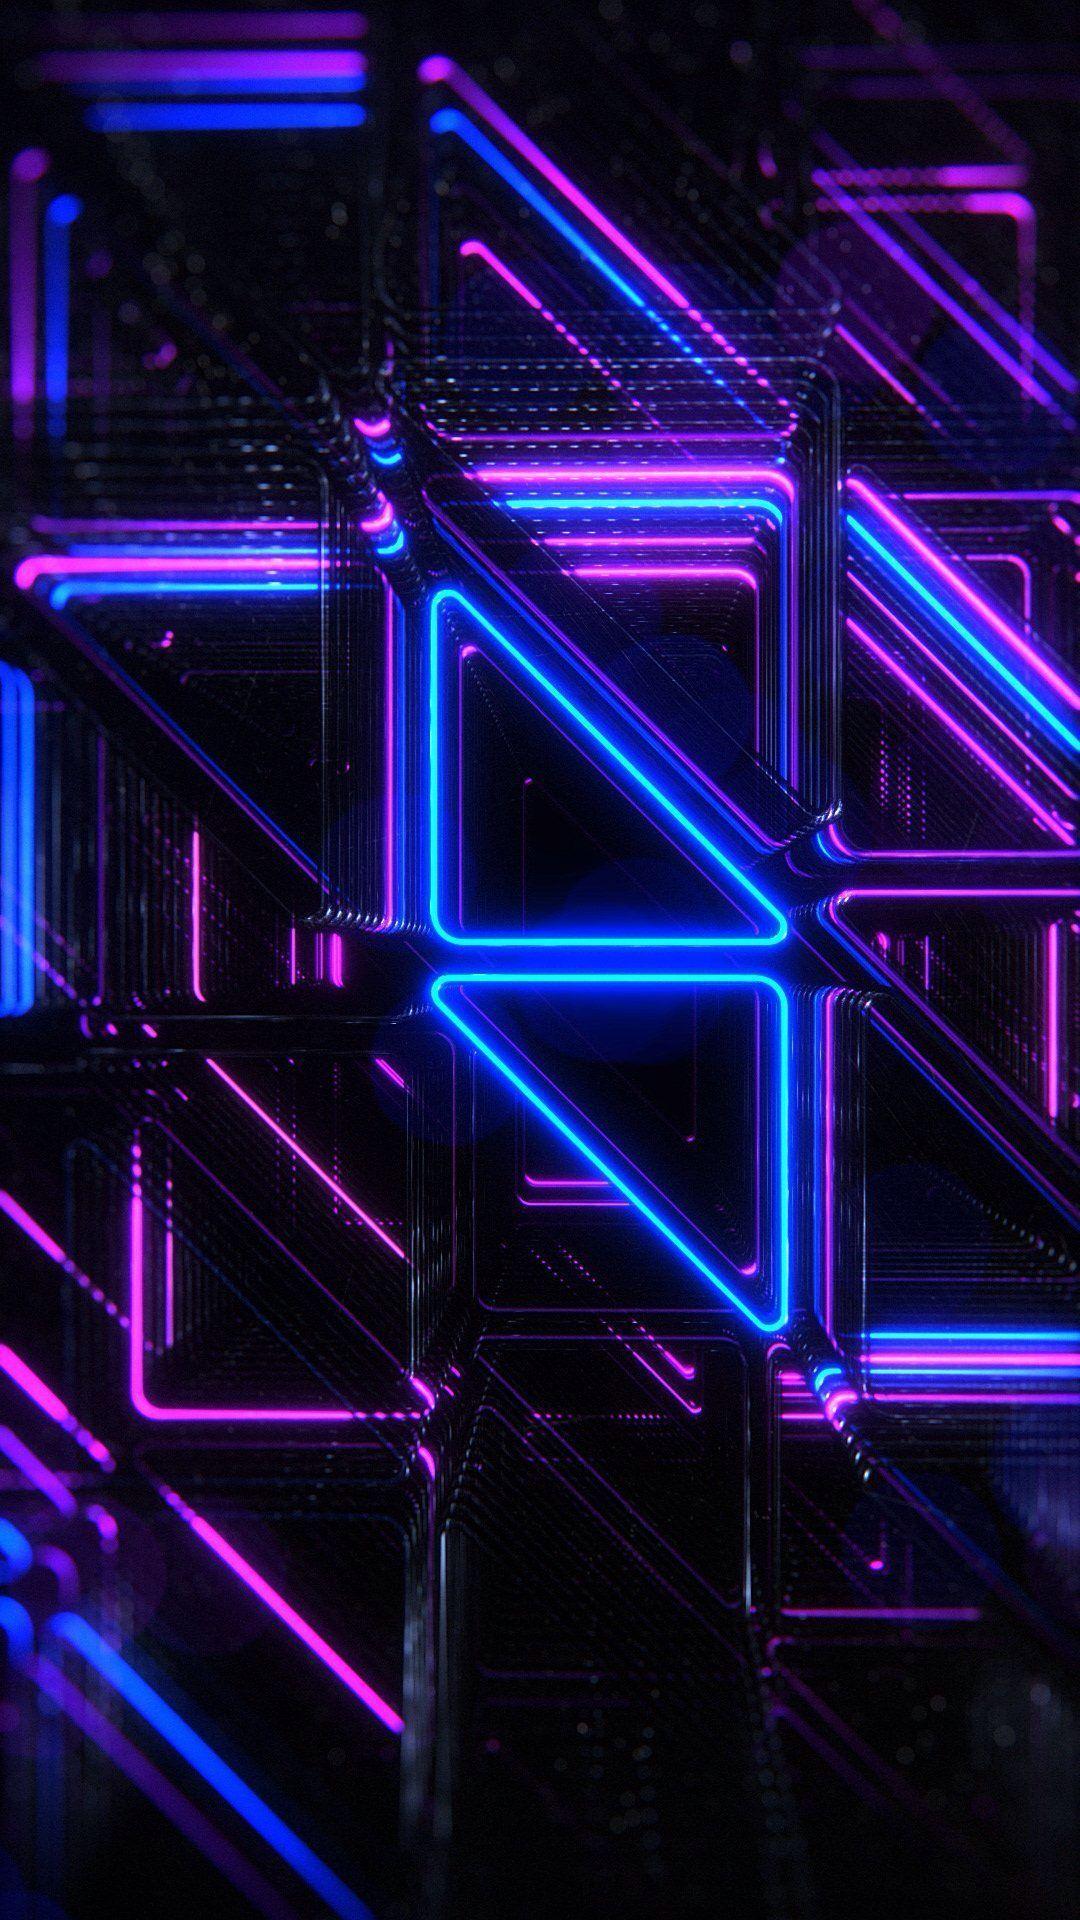 新着5位 3d ネオン Iphone11 スマホ壁紙 待受画像ギャラリー 紫色の壁紙 ネオン デジタル デザイン